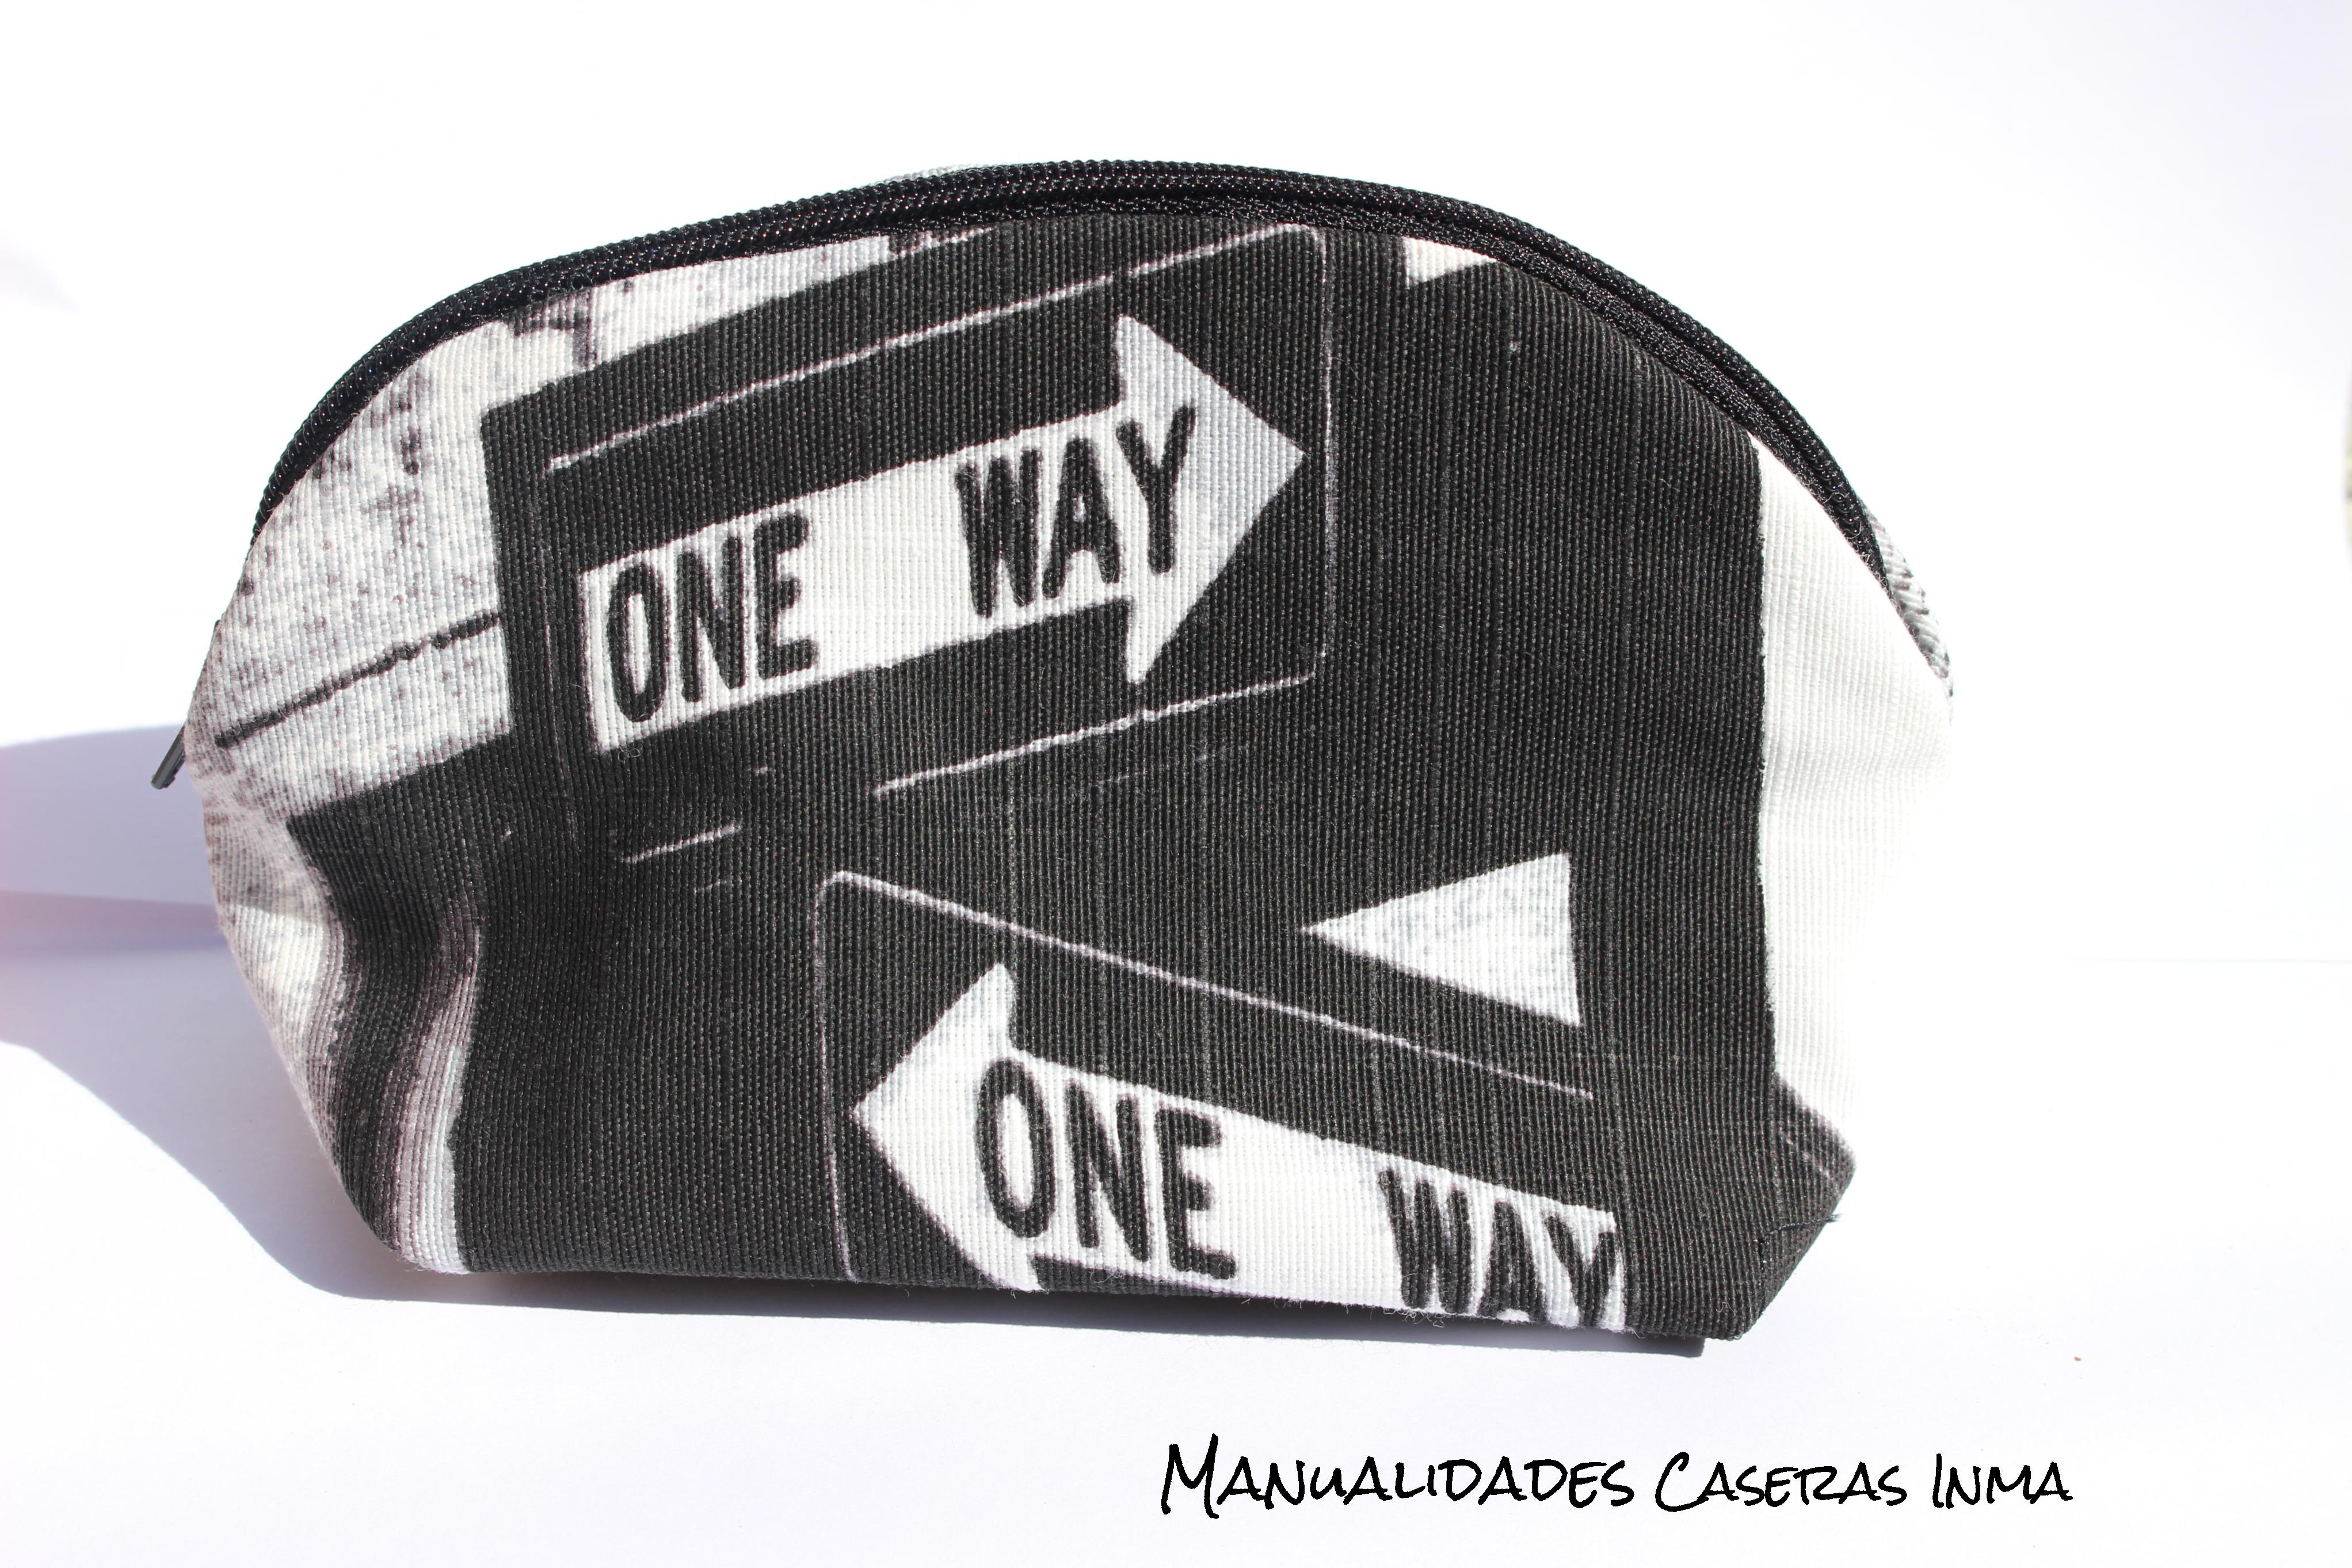 Manualidades Caseras Inma_Neceser New York en tonos negros y grises